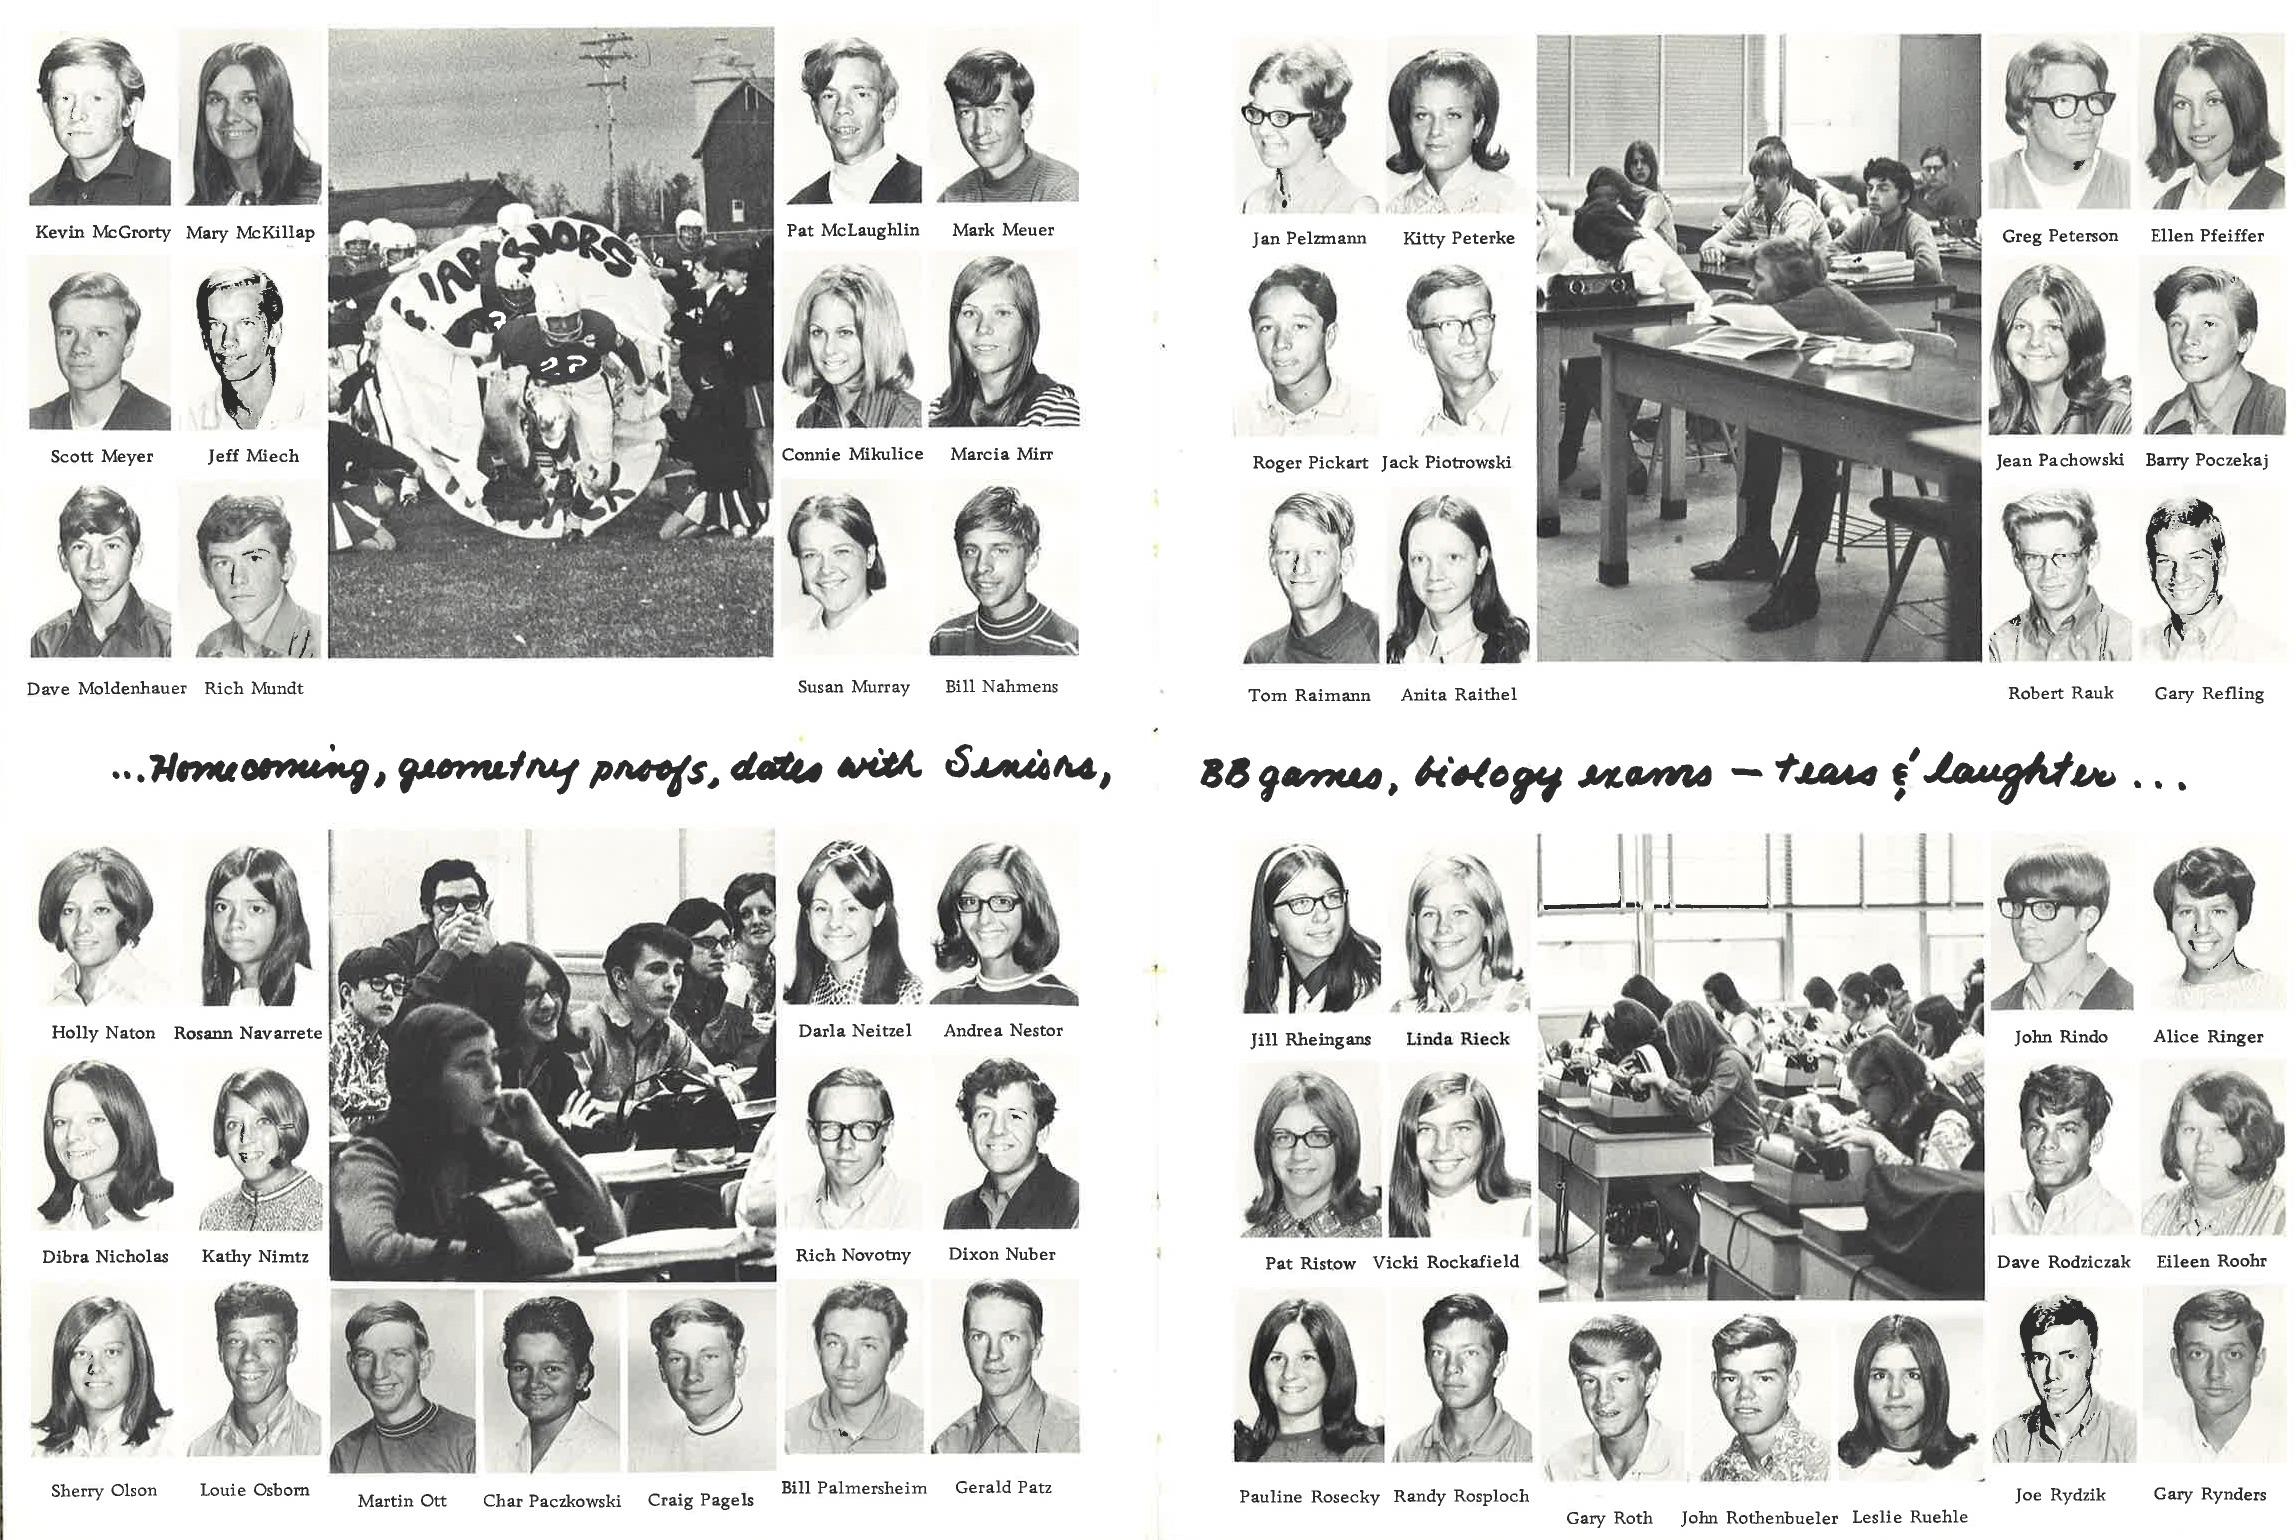 1971_Yearbook_44-45.jpg